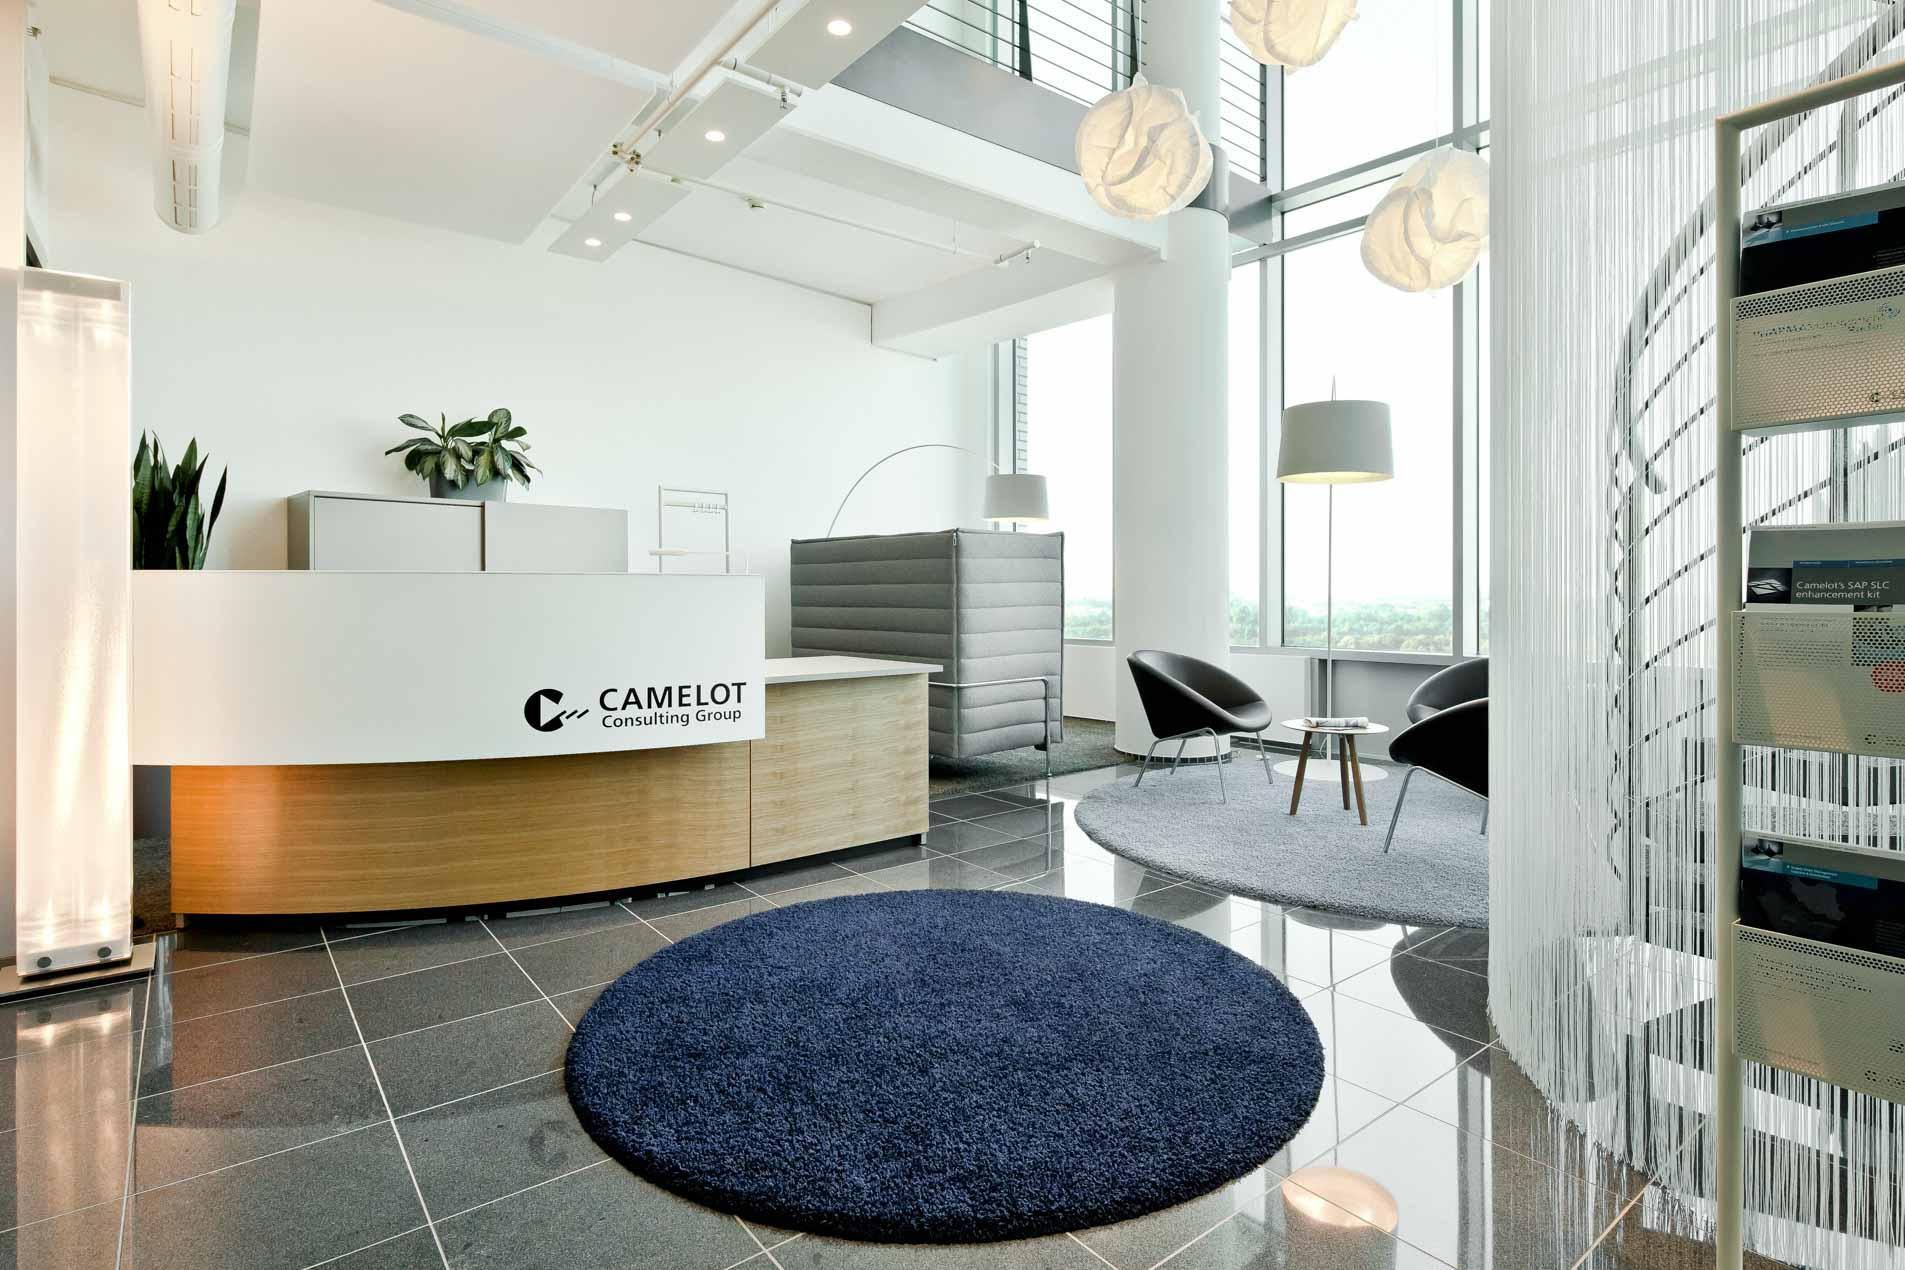 Innenarchitektur für ein Bürogebäude in Köln   Raumfabrik Düsseldorf